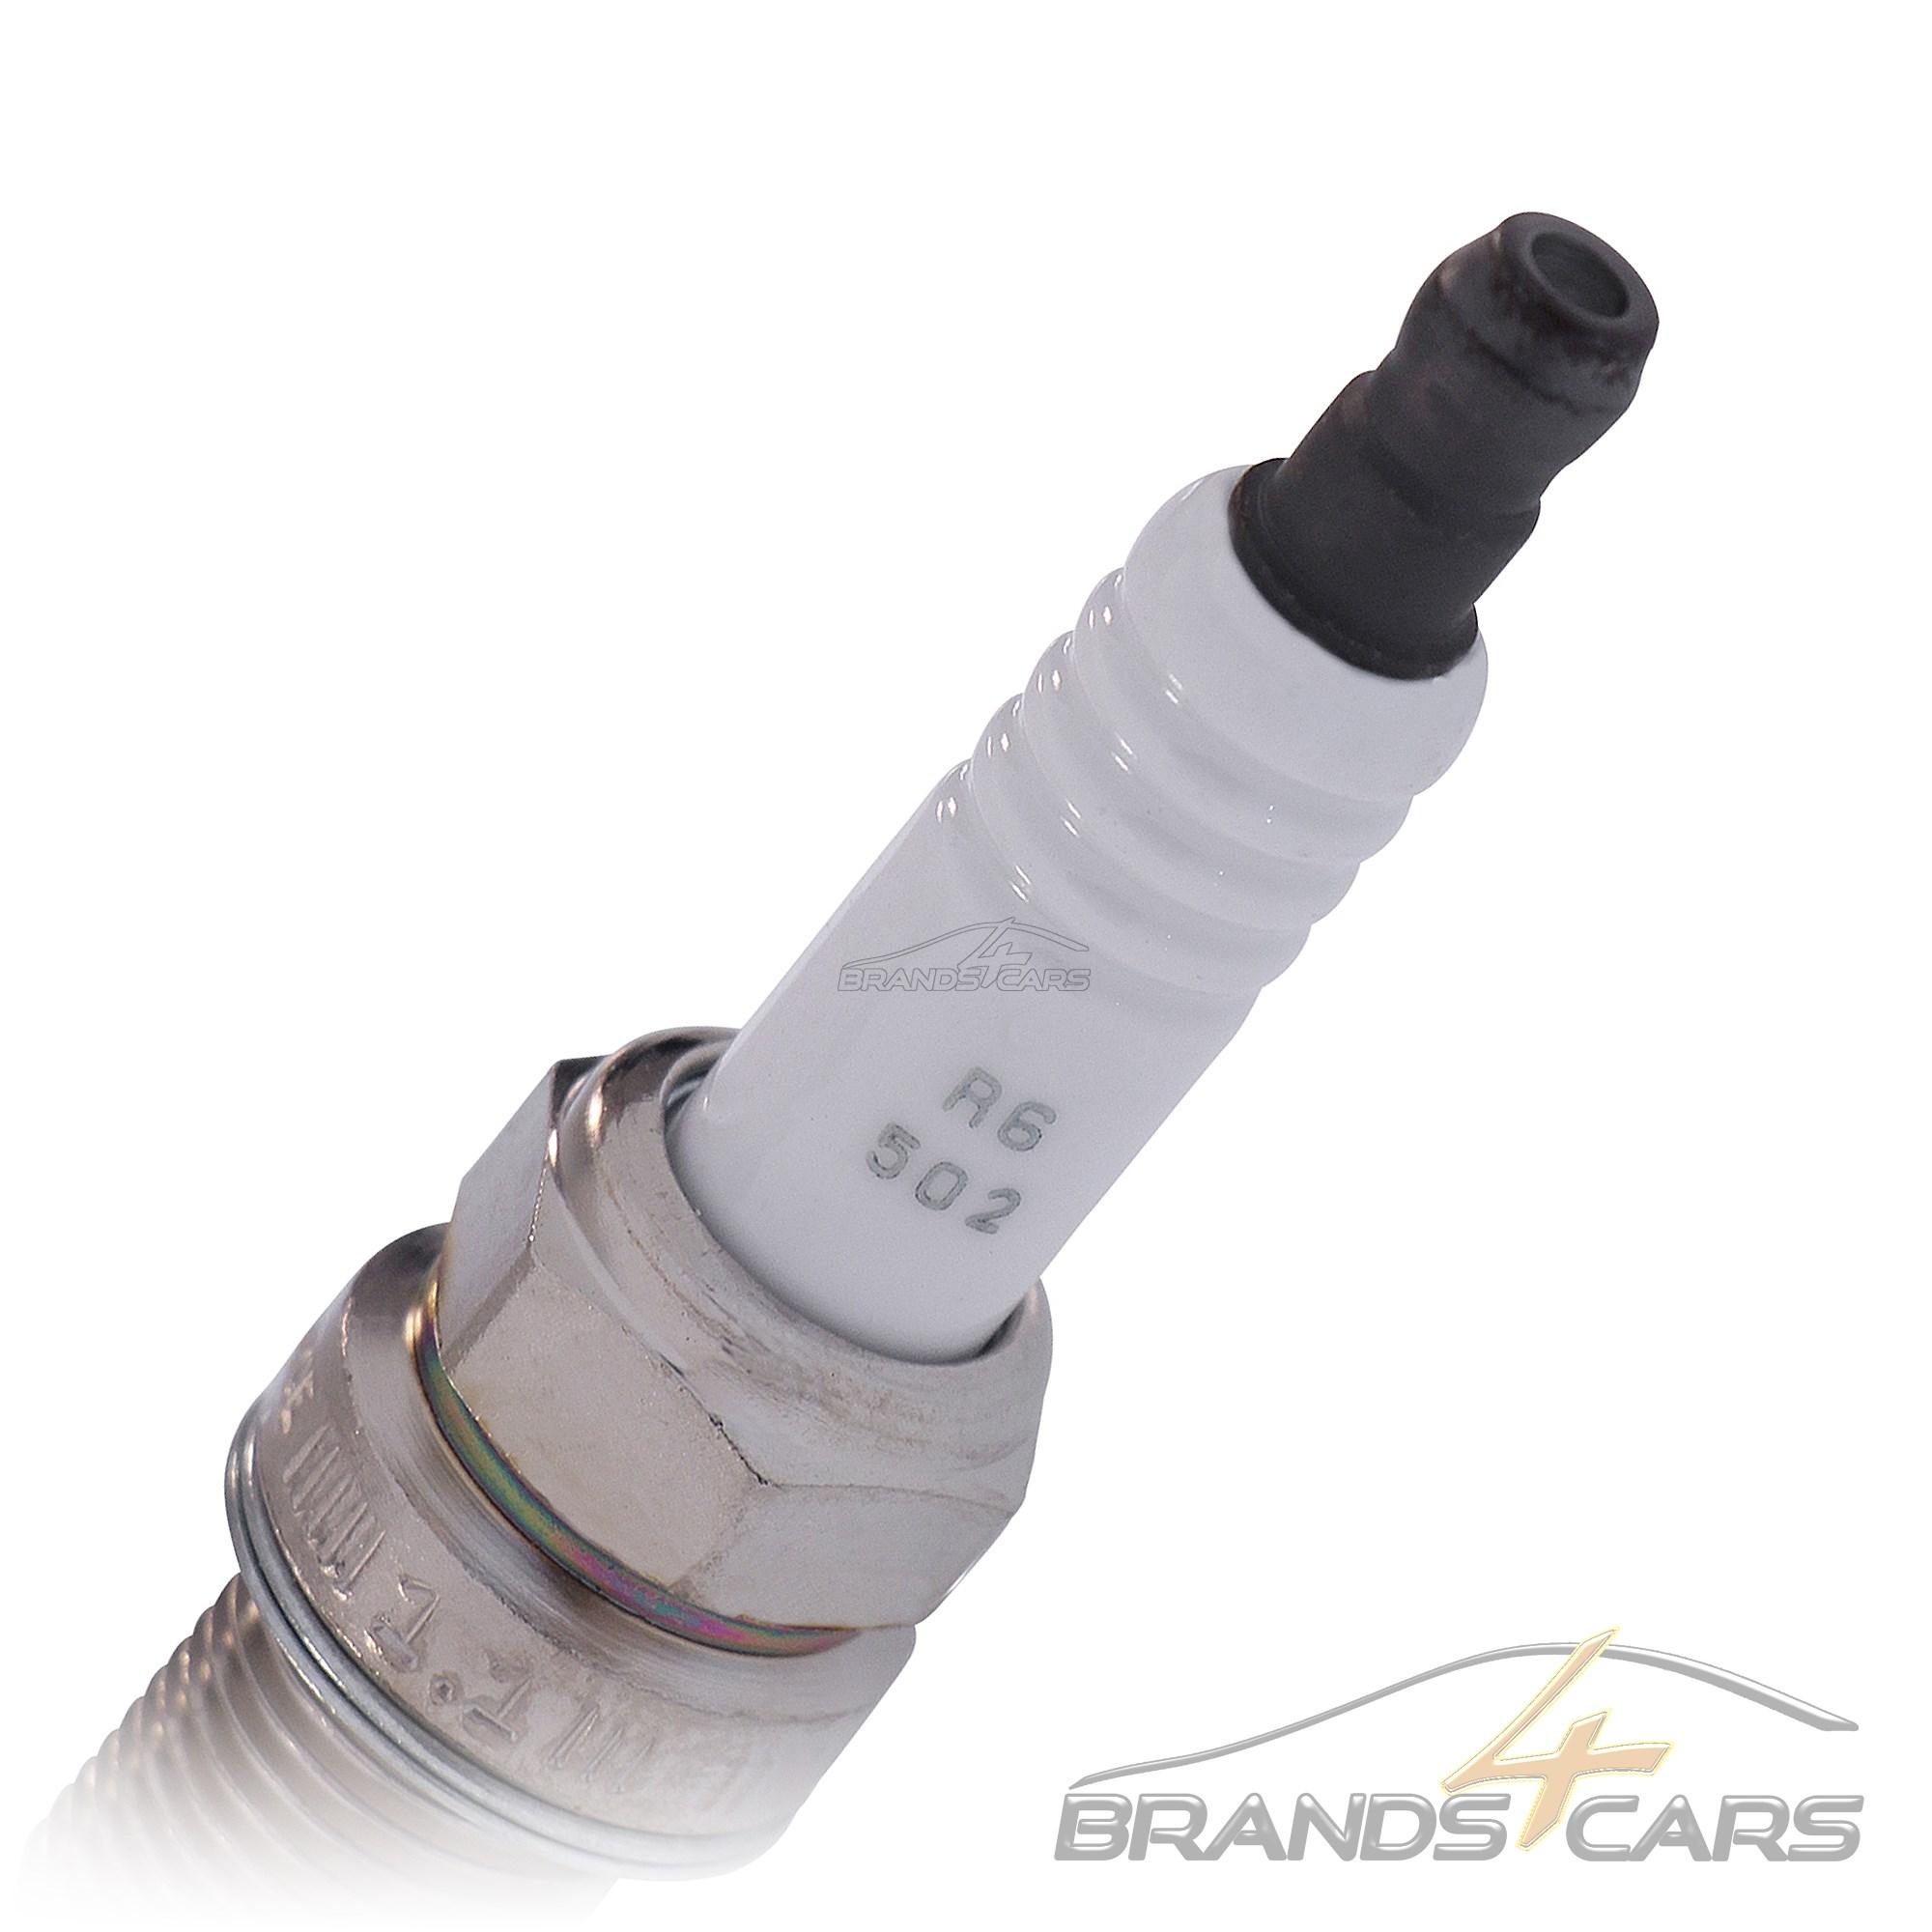 4x-original-Beru-bujia-bujias-ultra-Hyundai-Elantra-XD-1-6-2-0-Getz-i10 miniatura 4